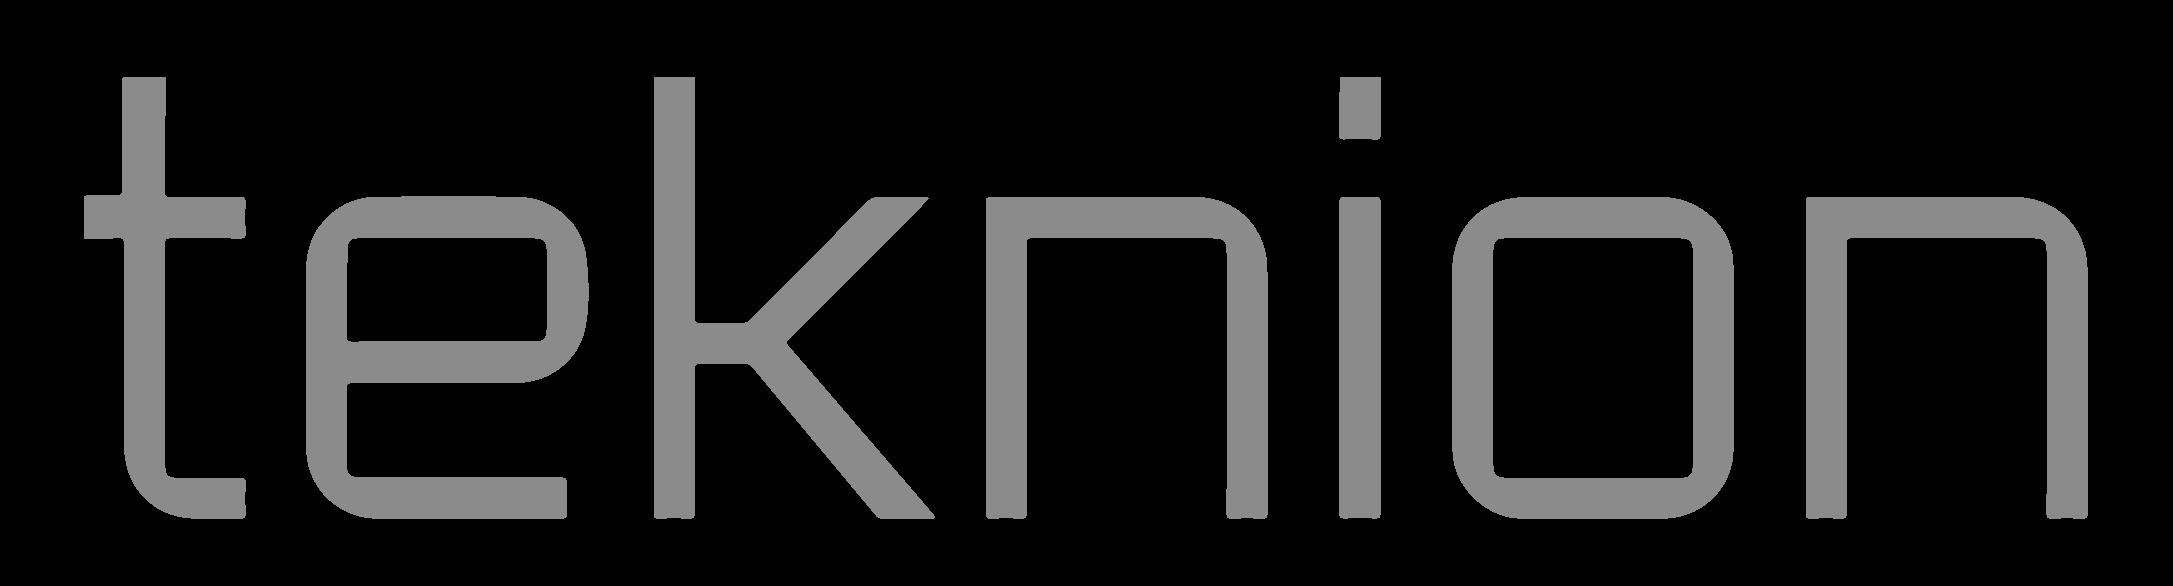 Teknion-Logo